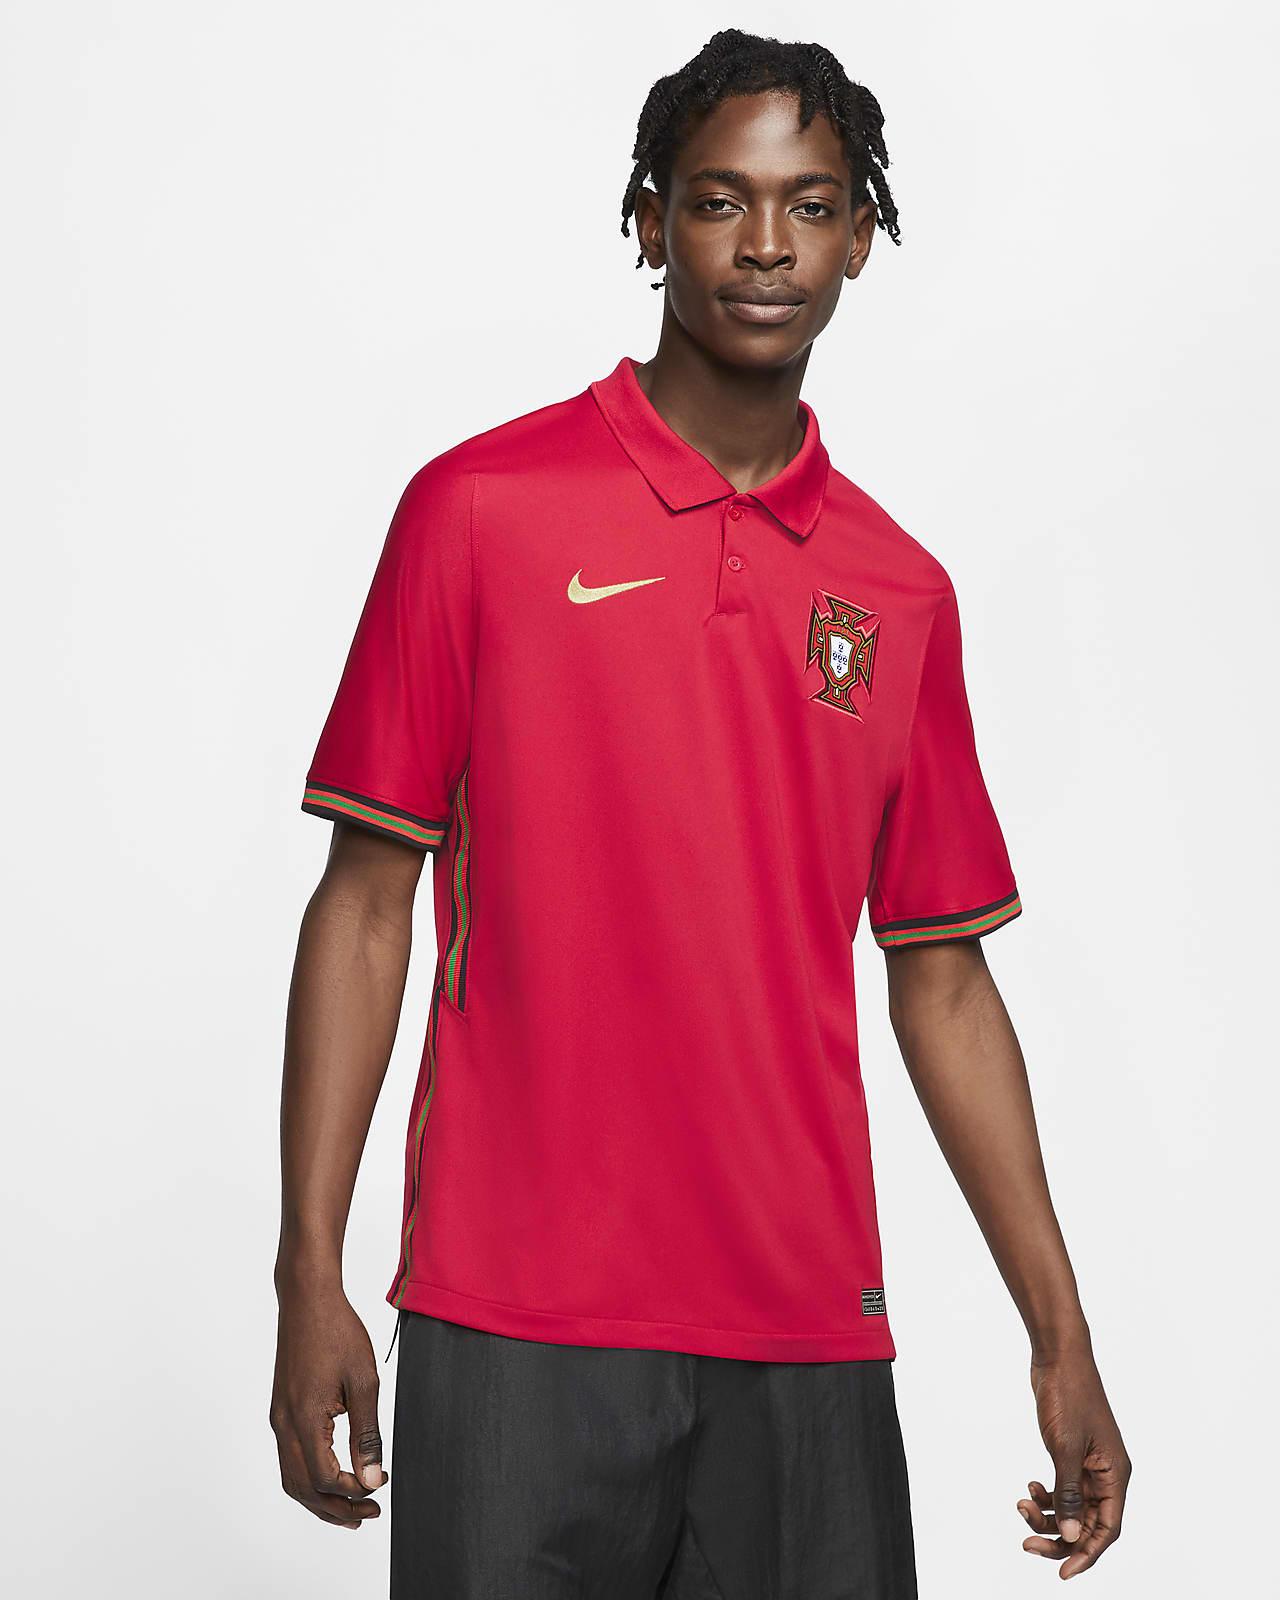 2020 赛季葡萄牙队主场球迷版男子足球球衣